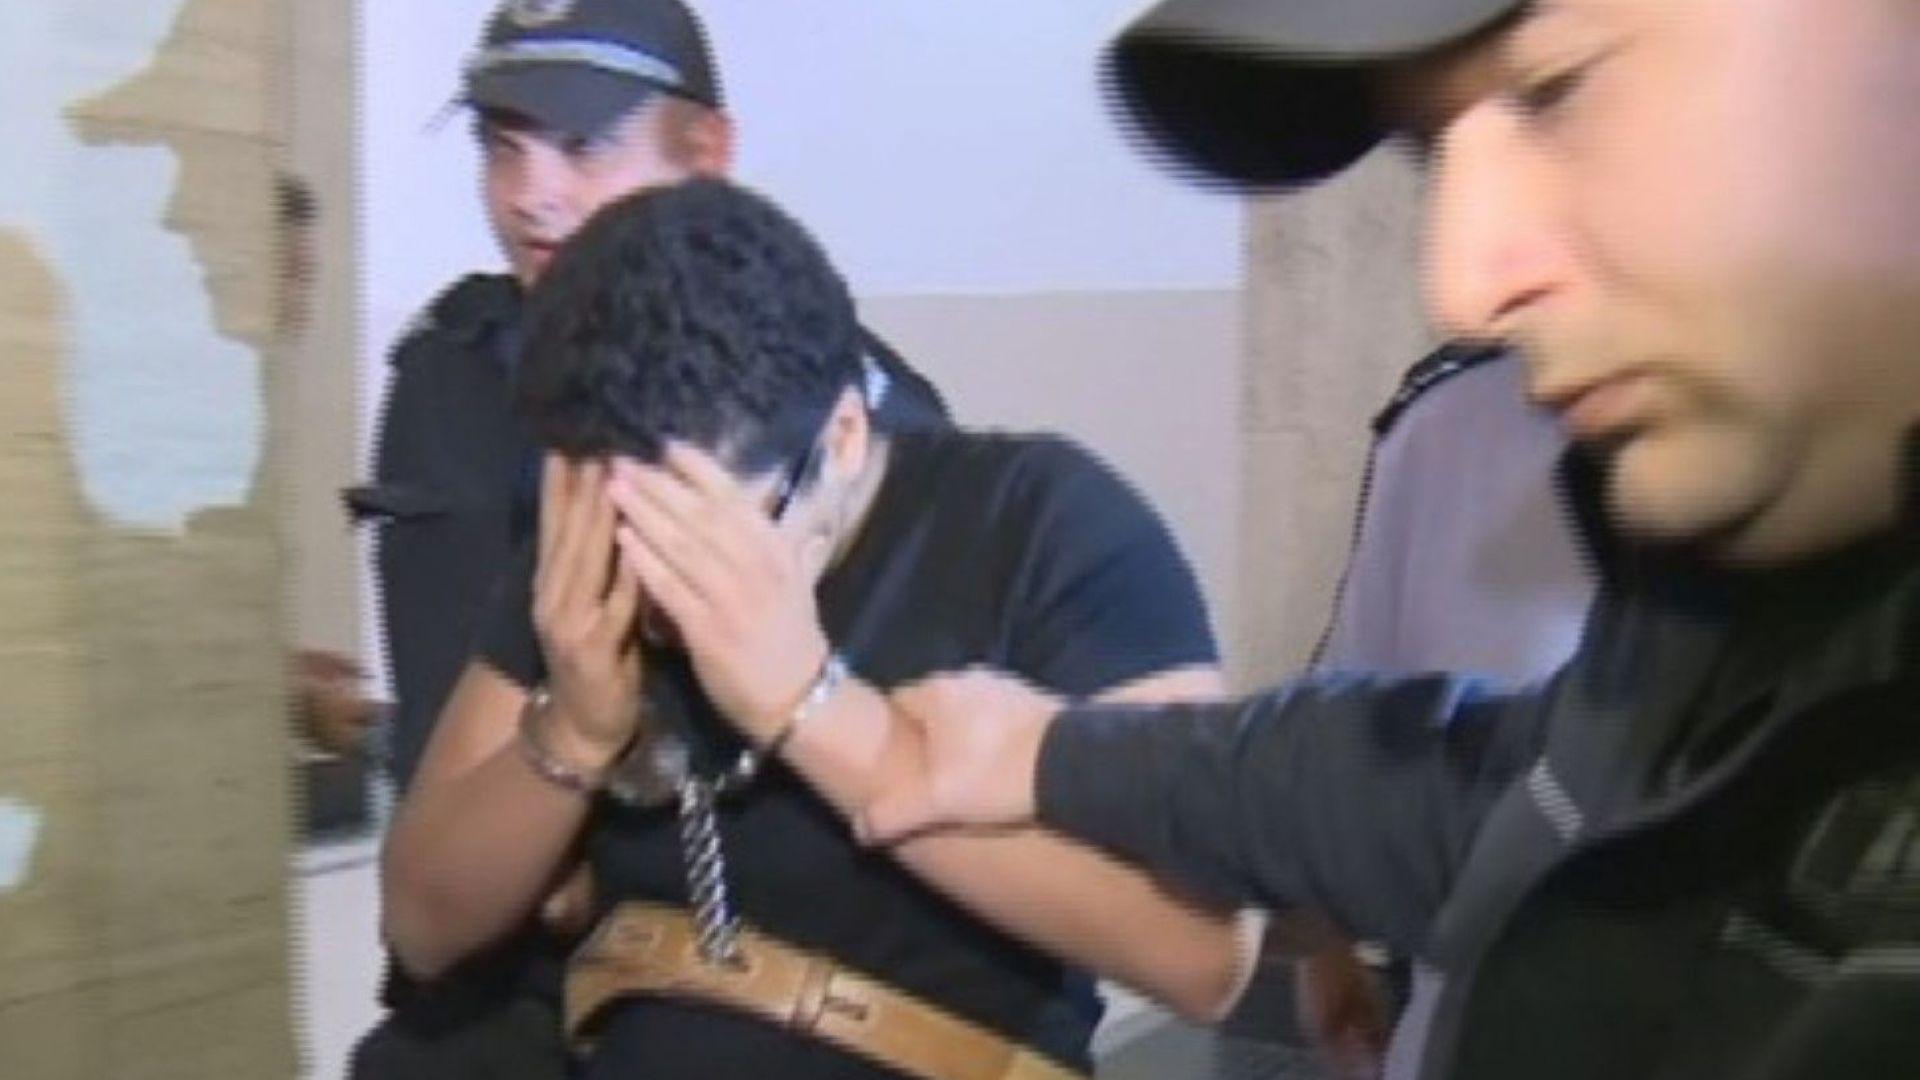 15-годишният Данаил бил тормозен онлайн преди да намушка съученик